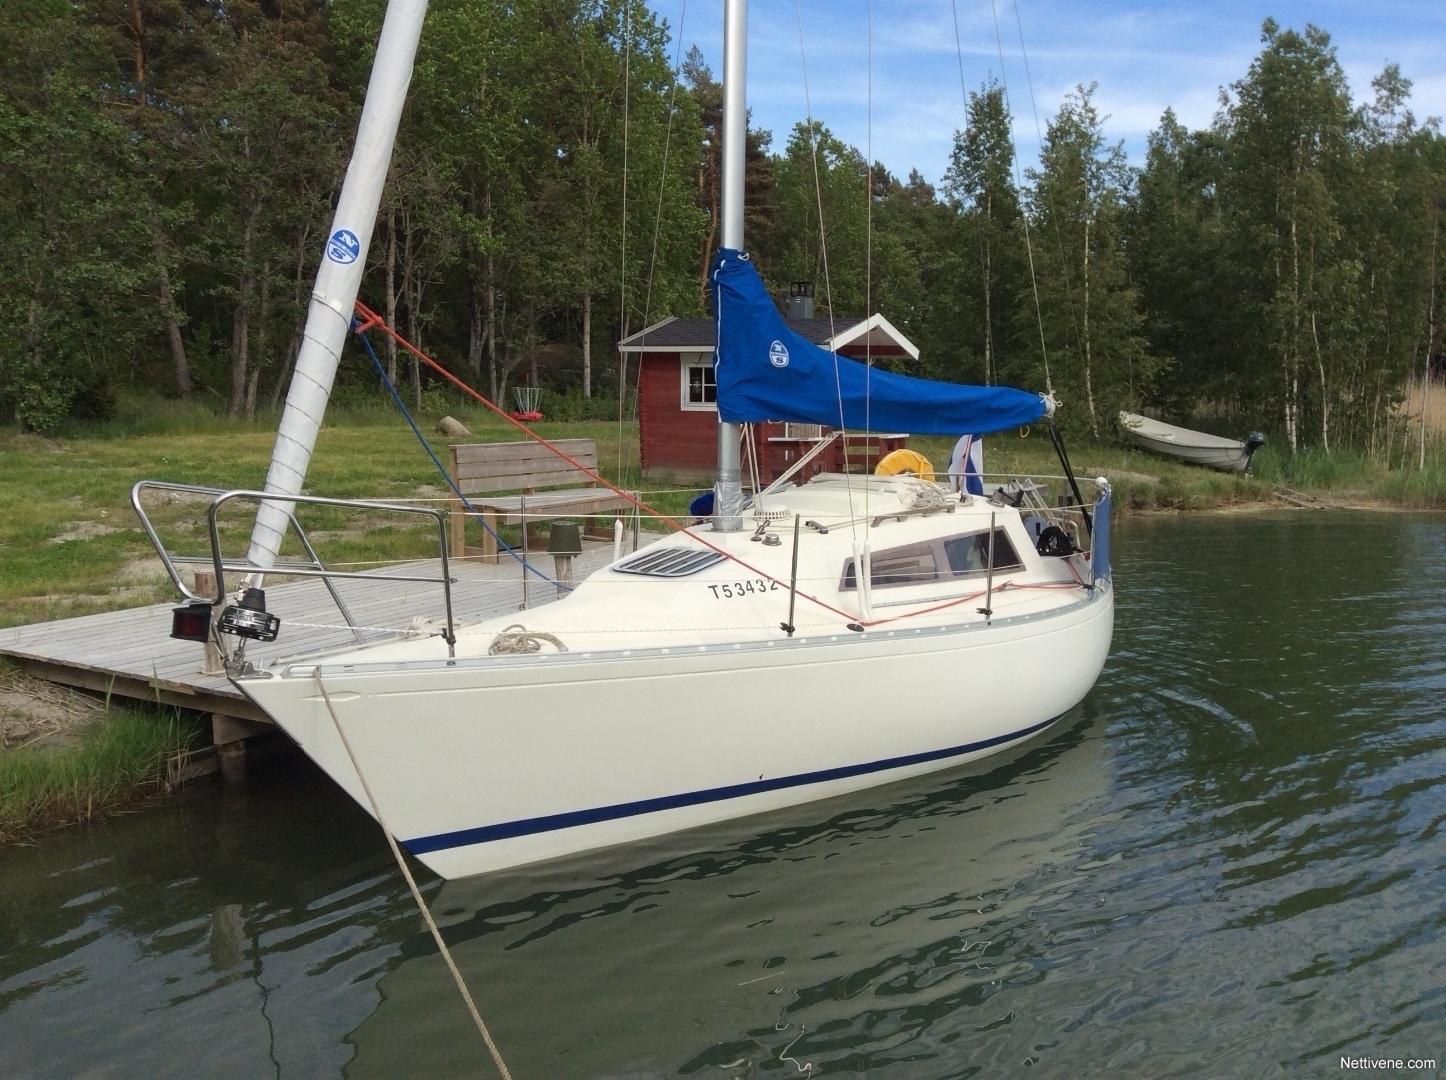 Bluebird Sailing Boat 1984 Naantali Nettivene